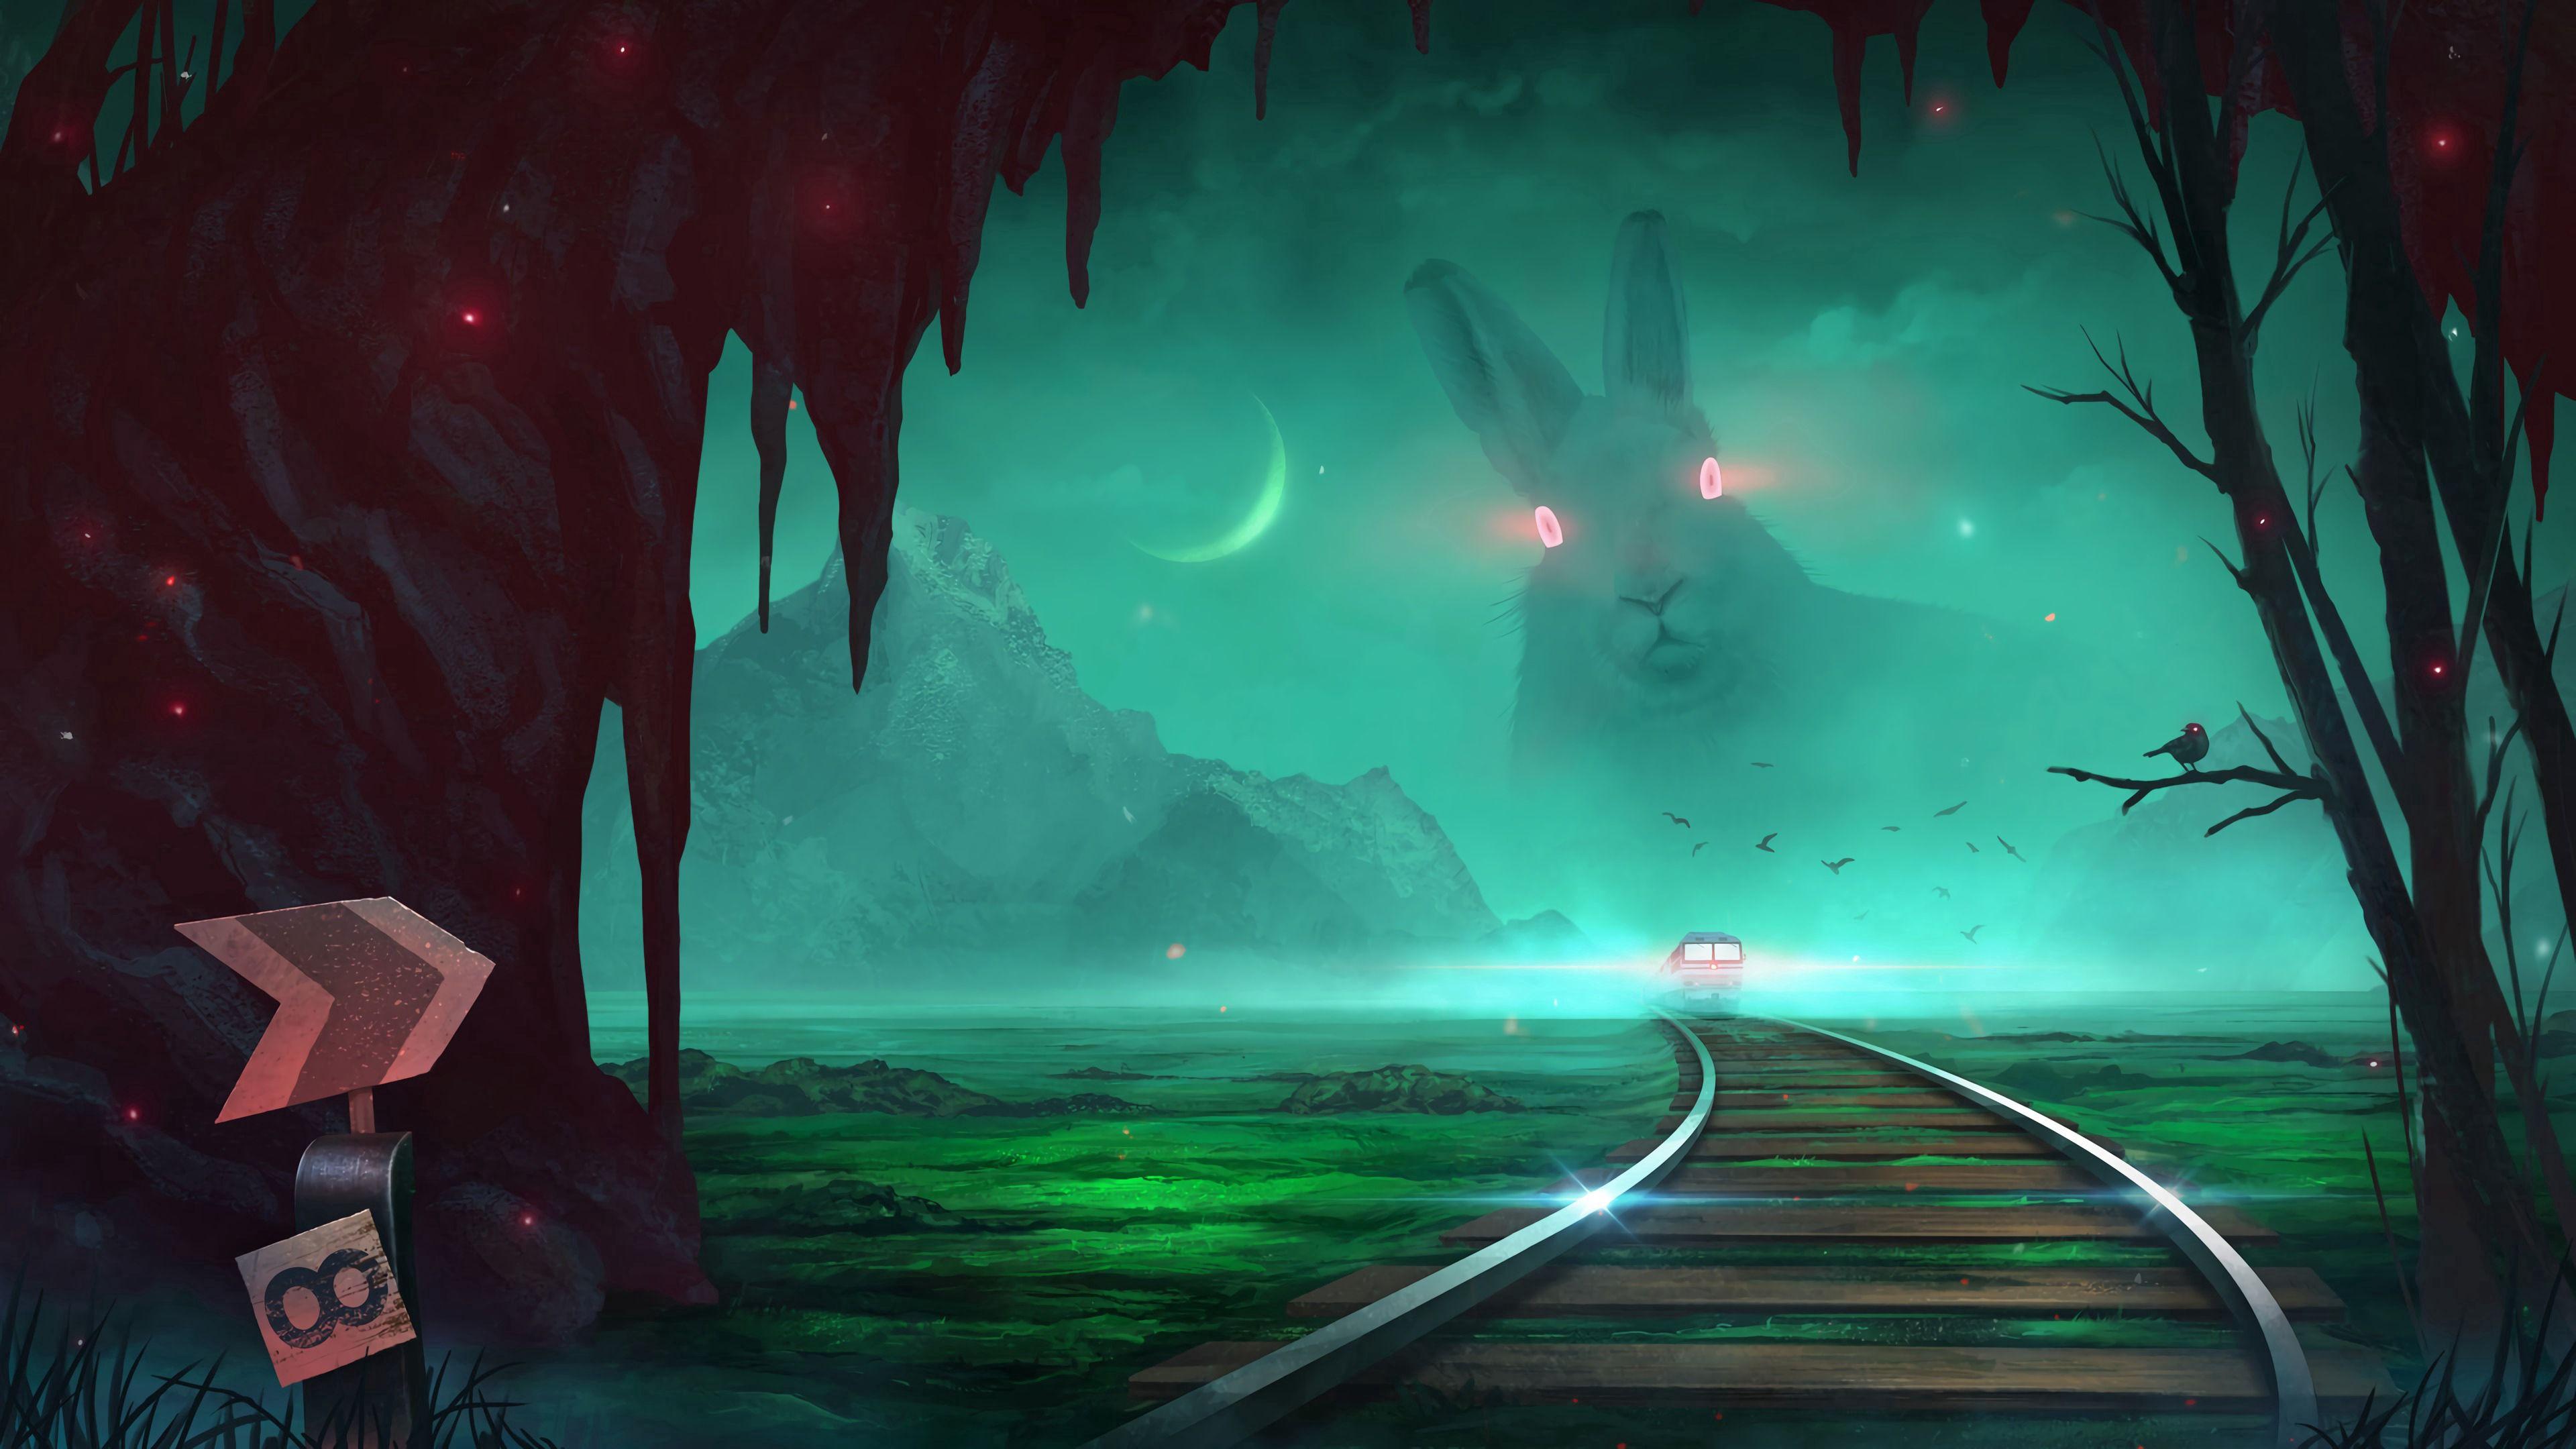 86062 Hintergrundbild herunterladen Kunst, Kaninchen, Übernachtung, Illusion, Ein Zug, Zug - Bildschirmschoner und Bilder kostenlos